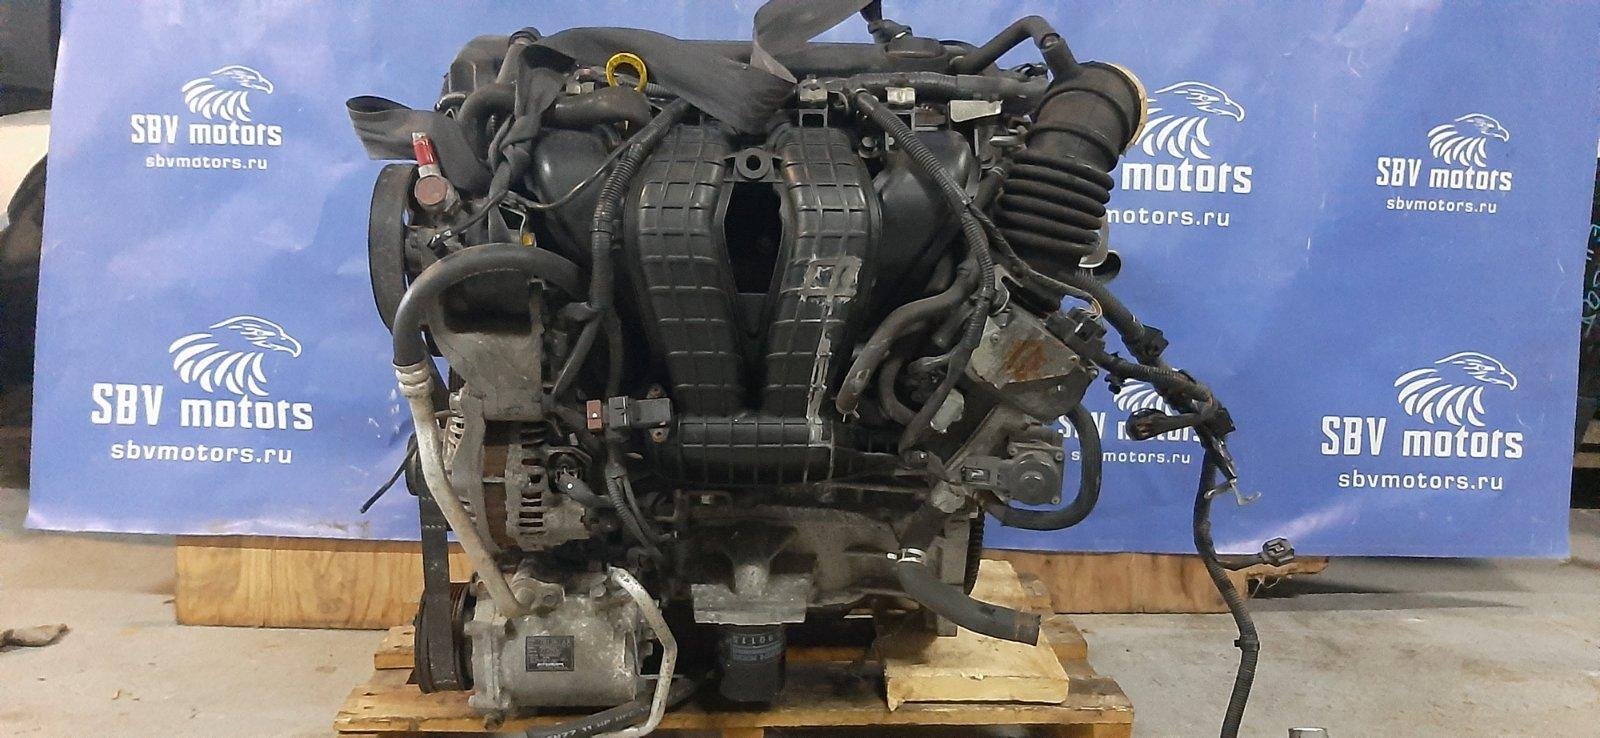 Двигатель Mitsubishi 4B11 контрактная